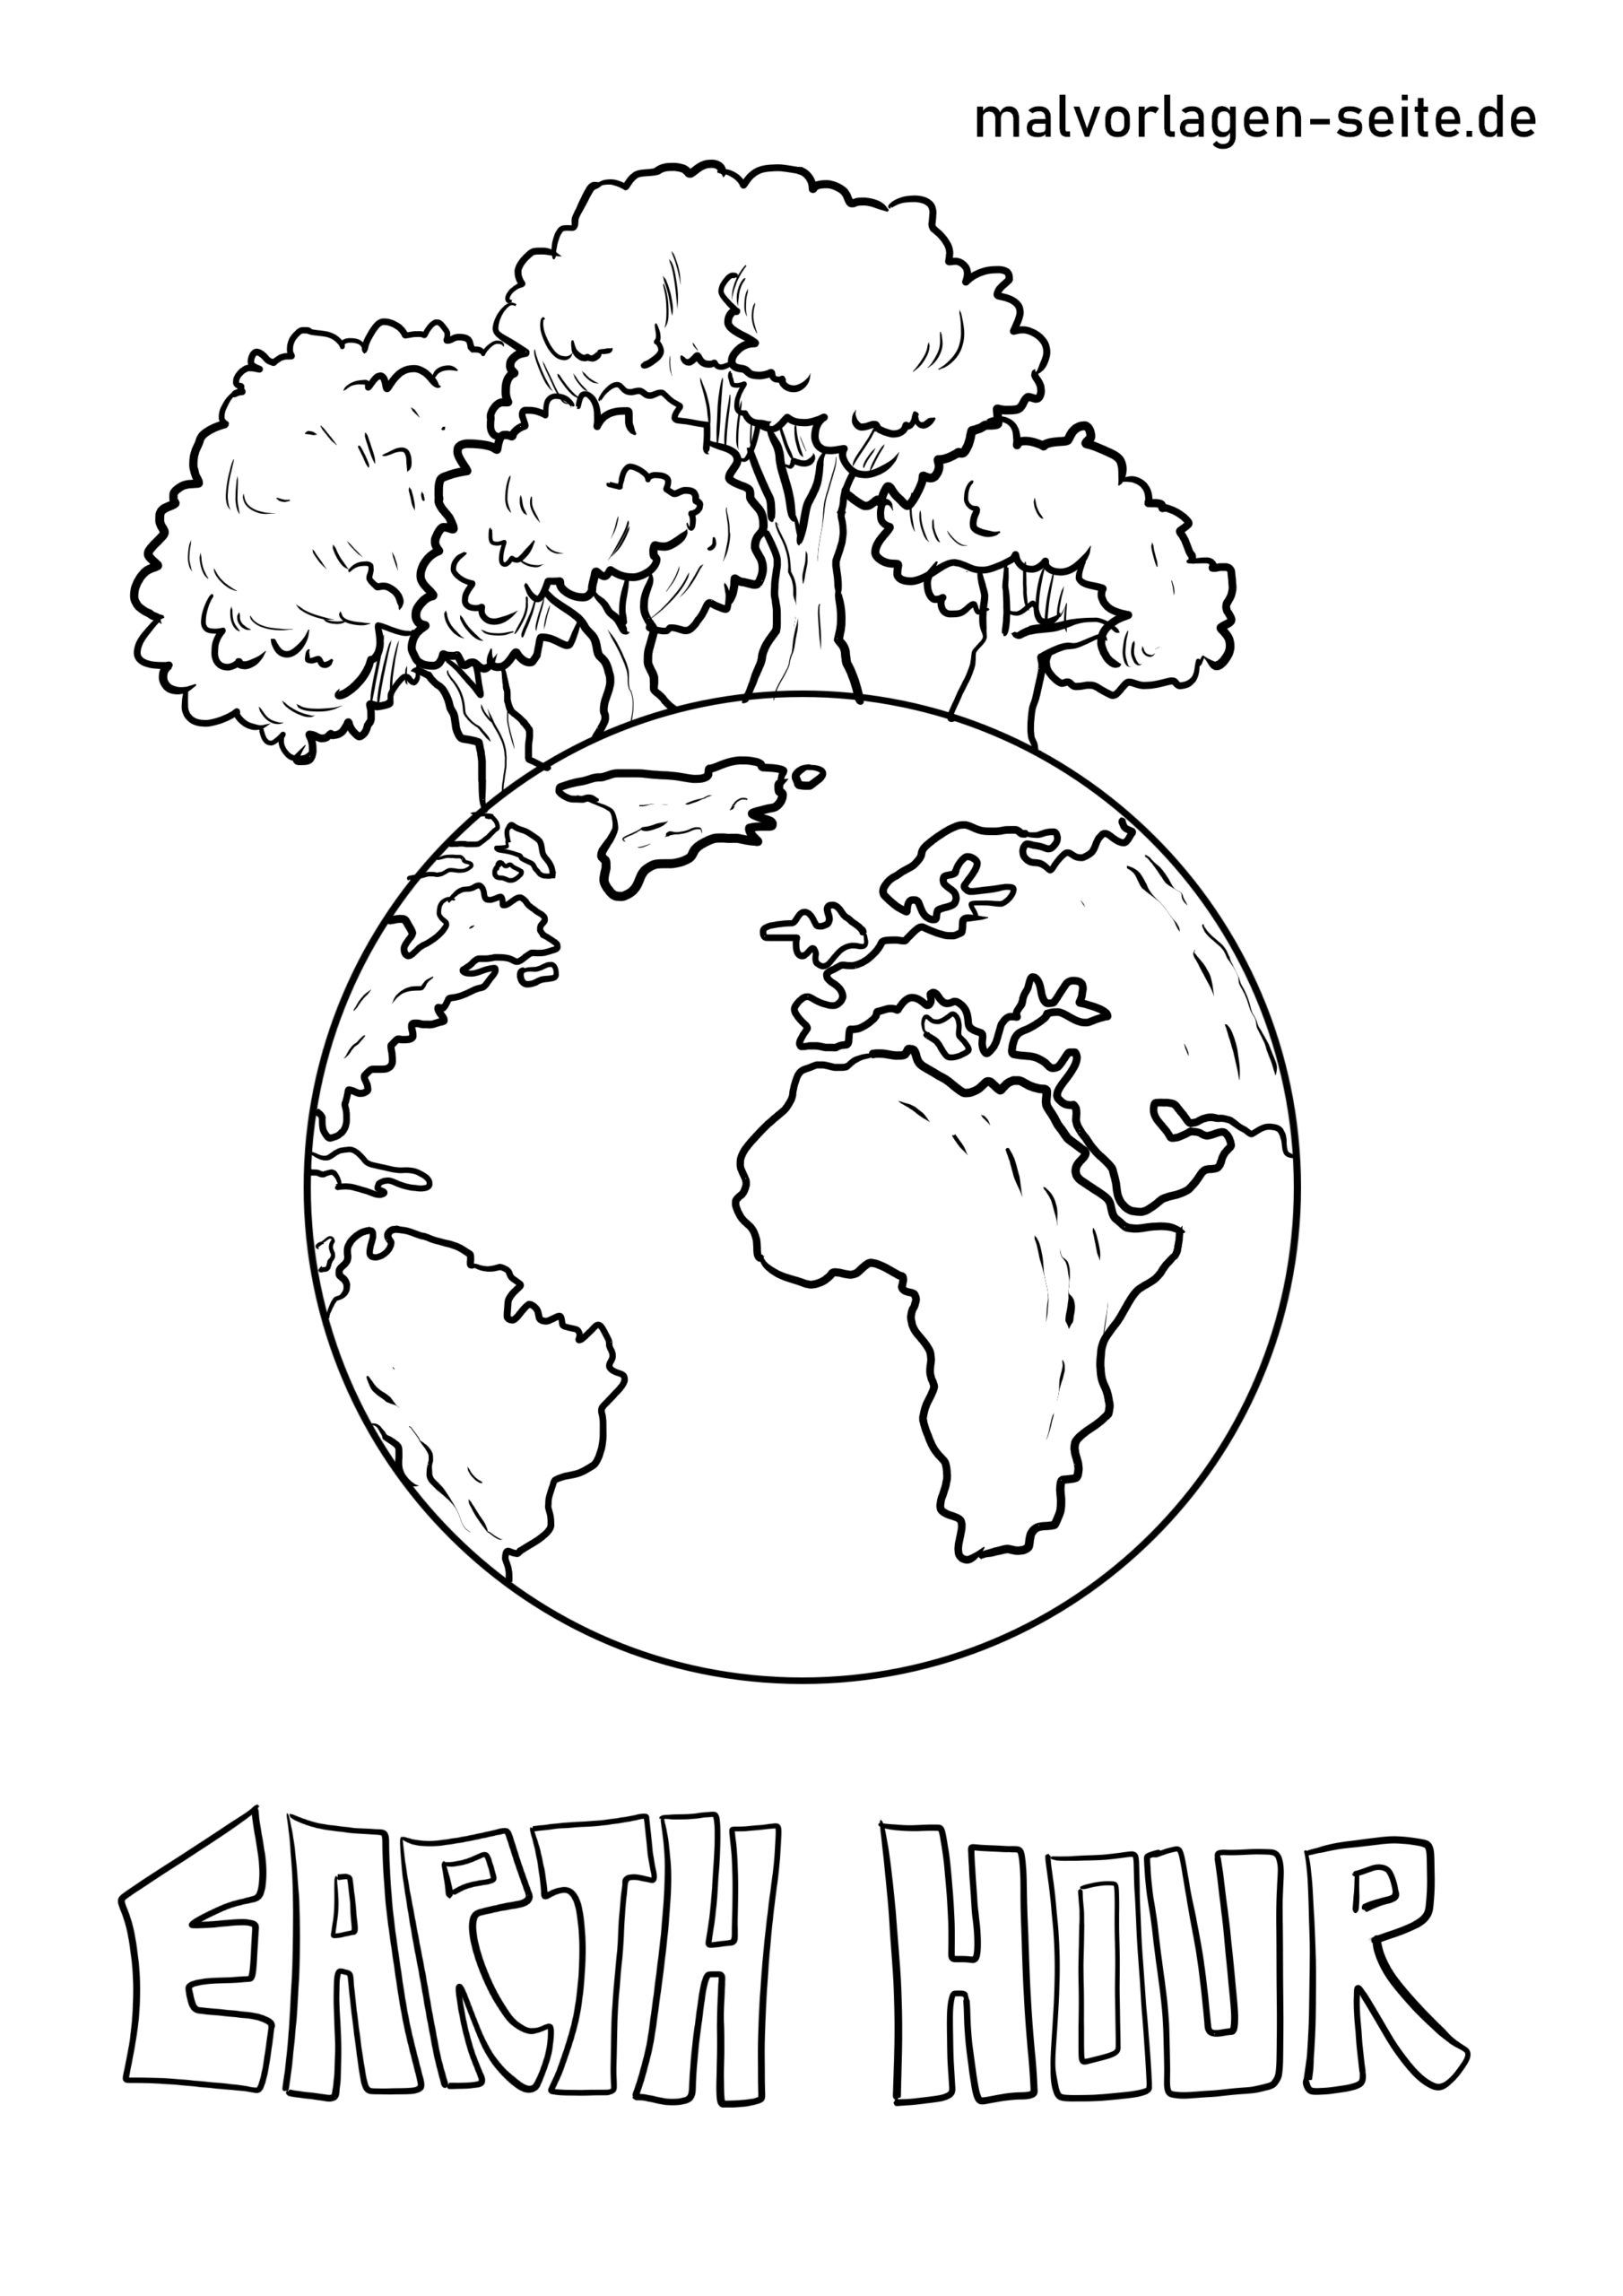 Malvorlage Earth Hour  Umweltschutz - Kostenlose Ausmalbilder